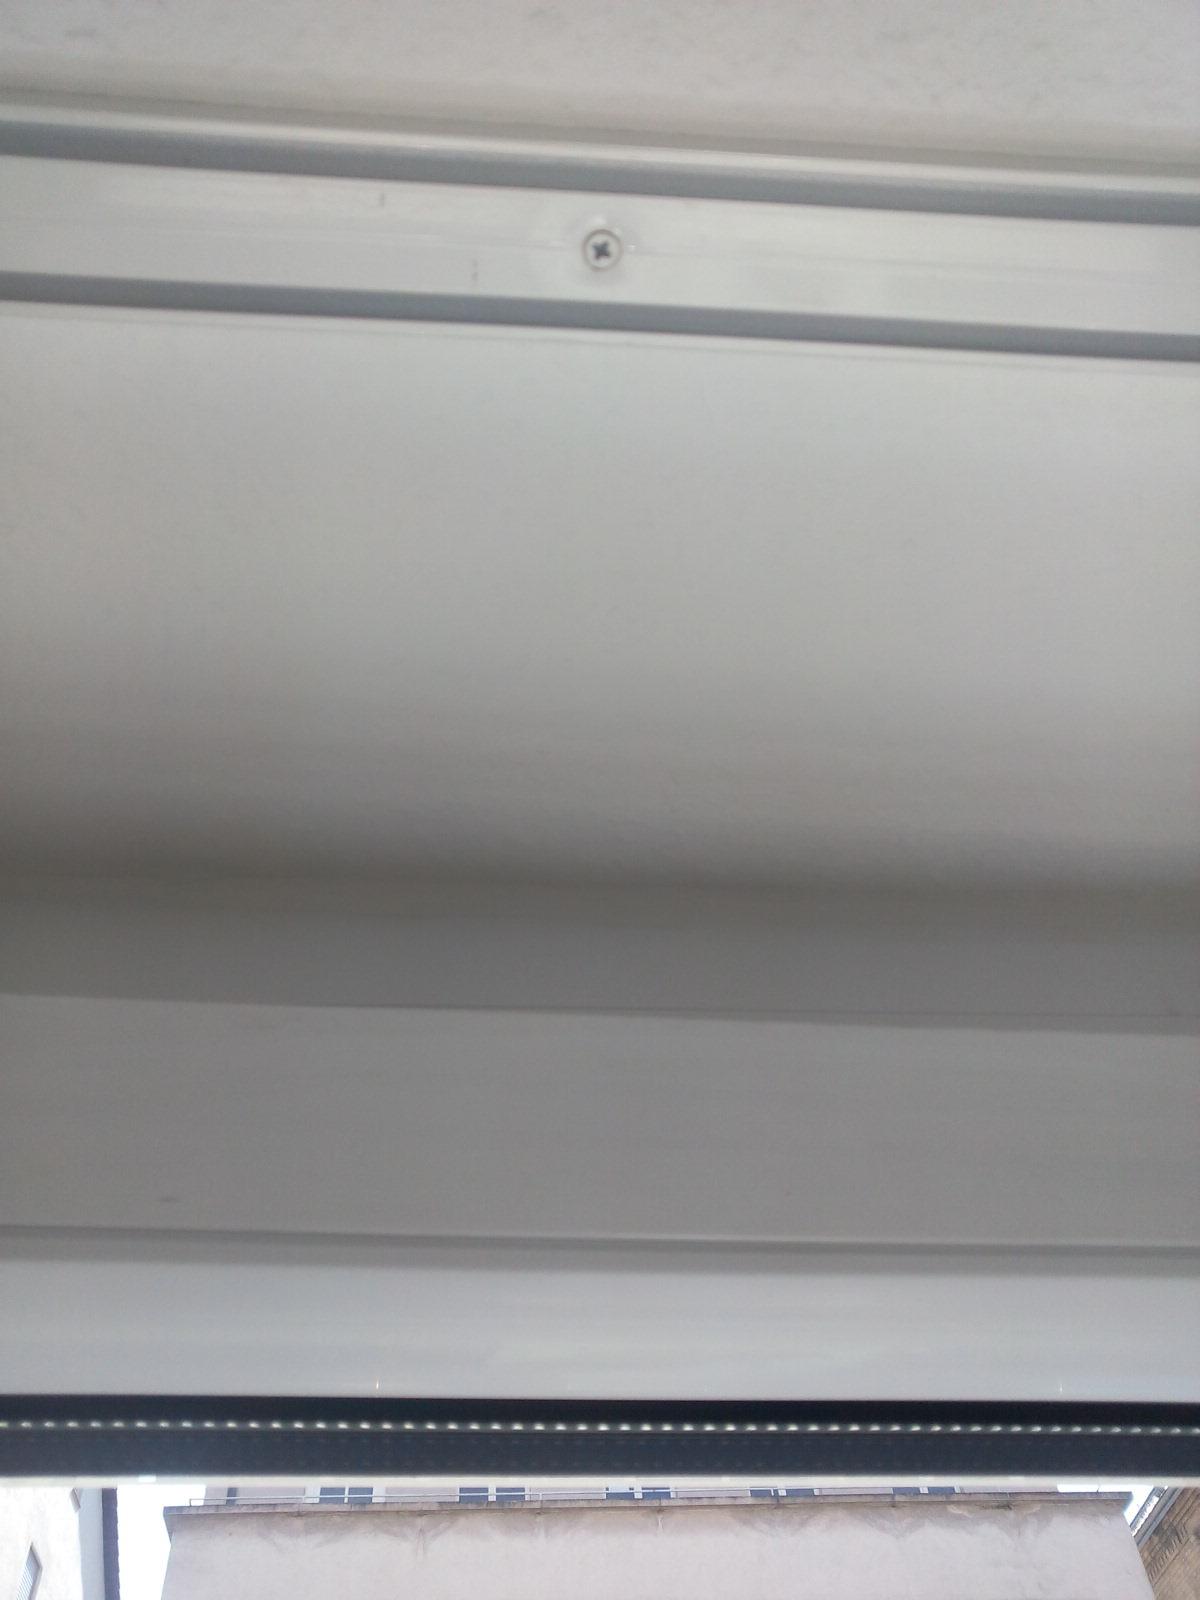 9393291-Os5DL